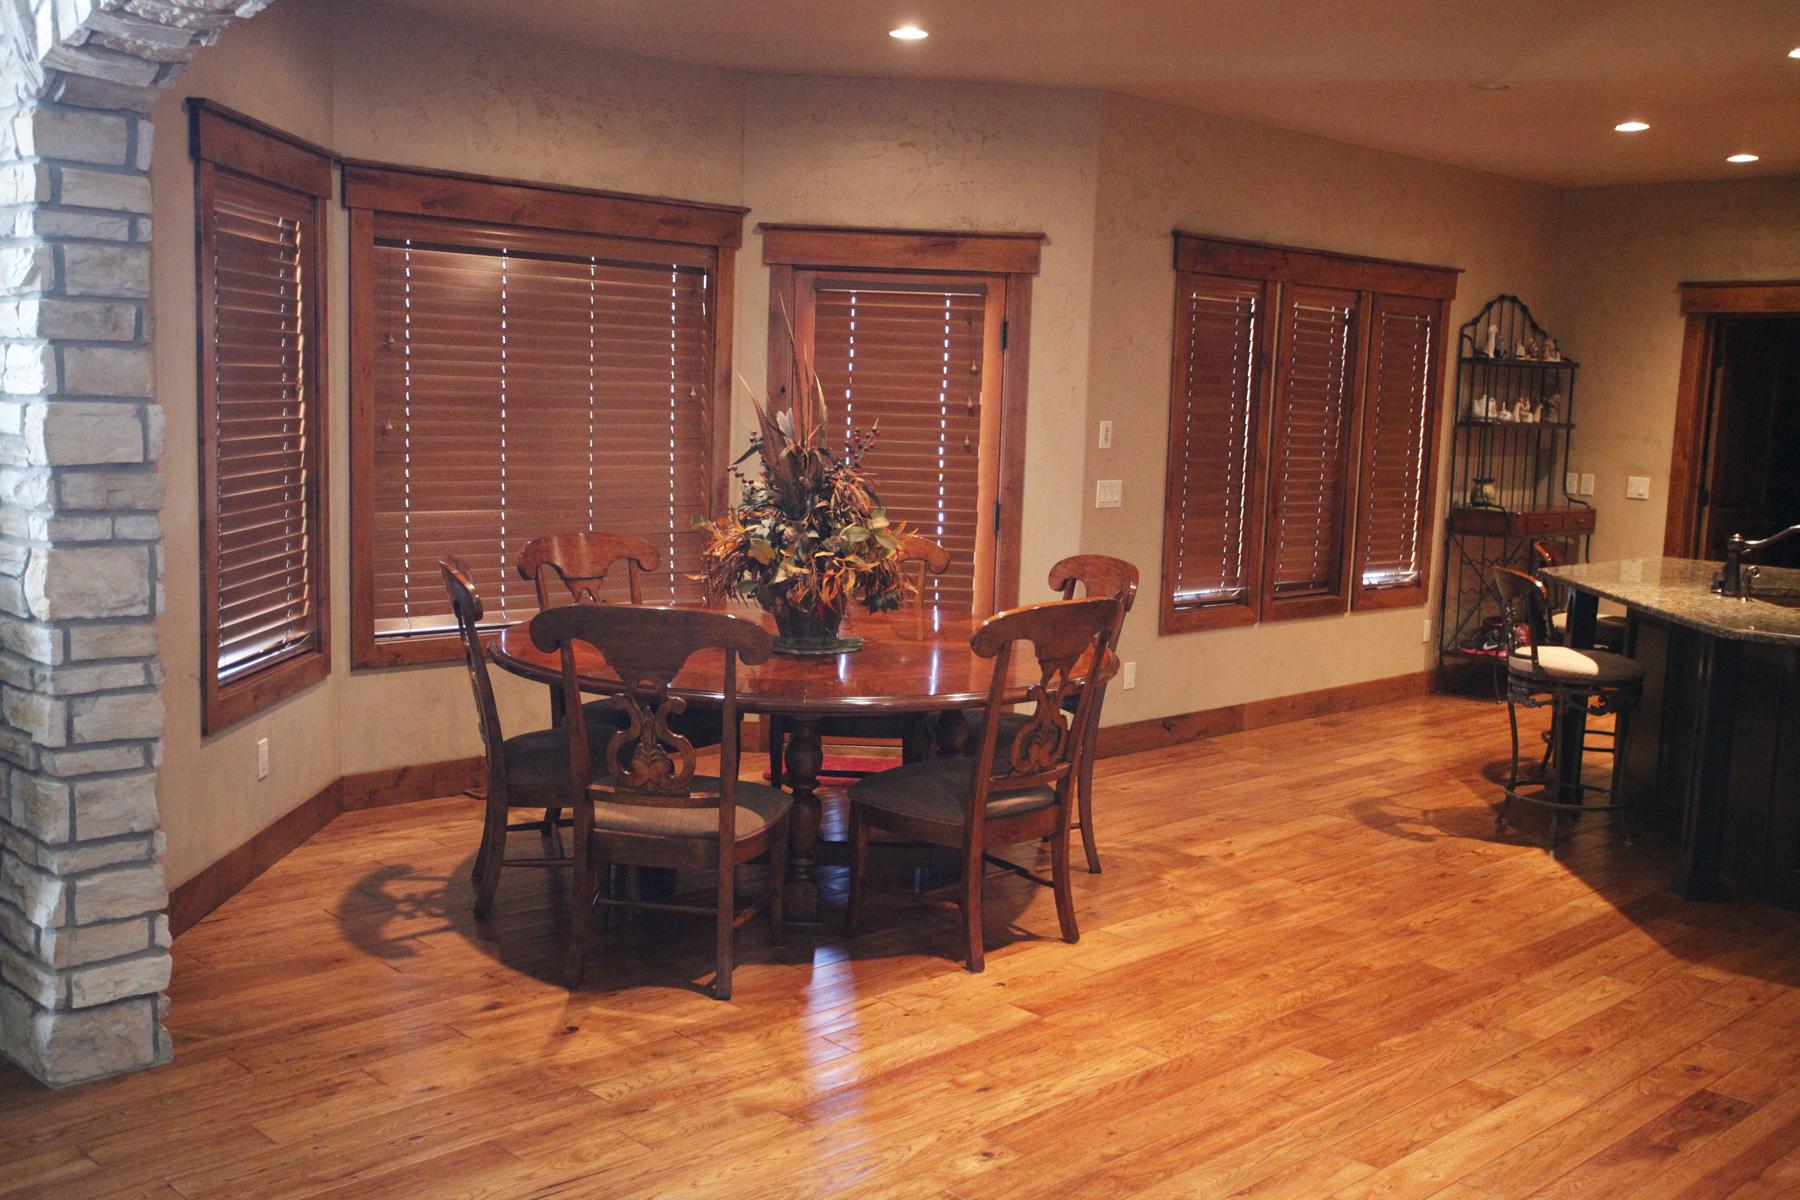 hardwood floor kitchens wood floor kitchen Large kitchen hardwood floor